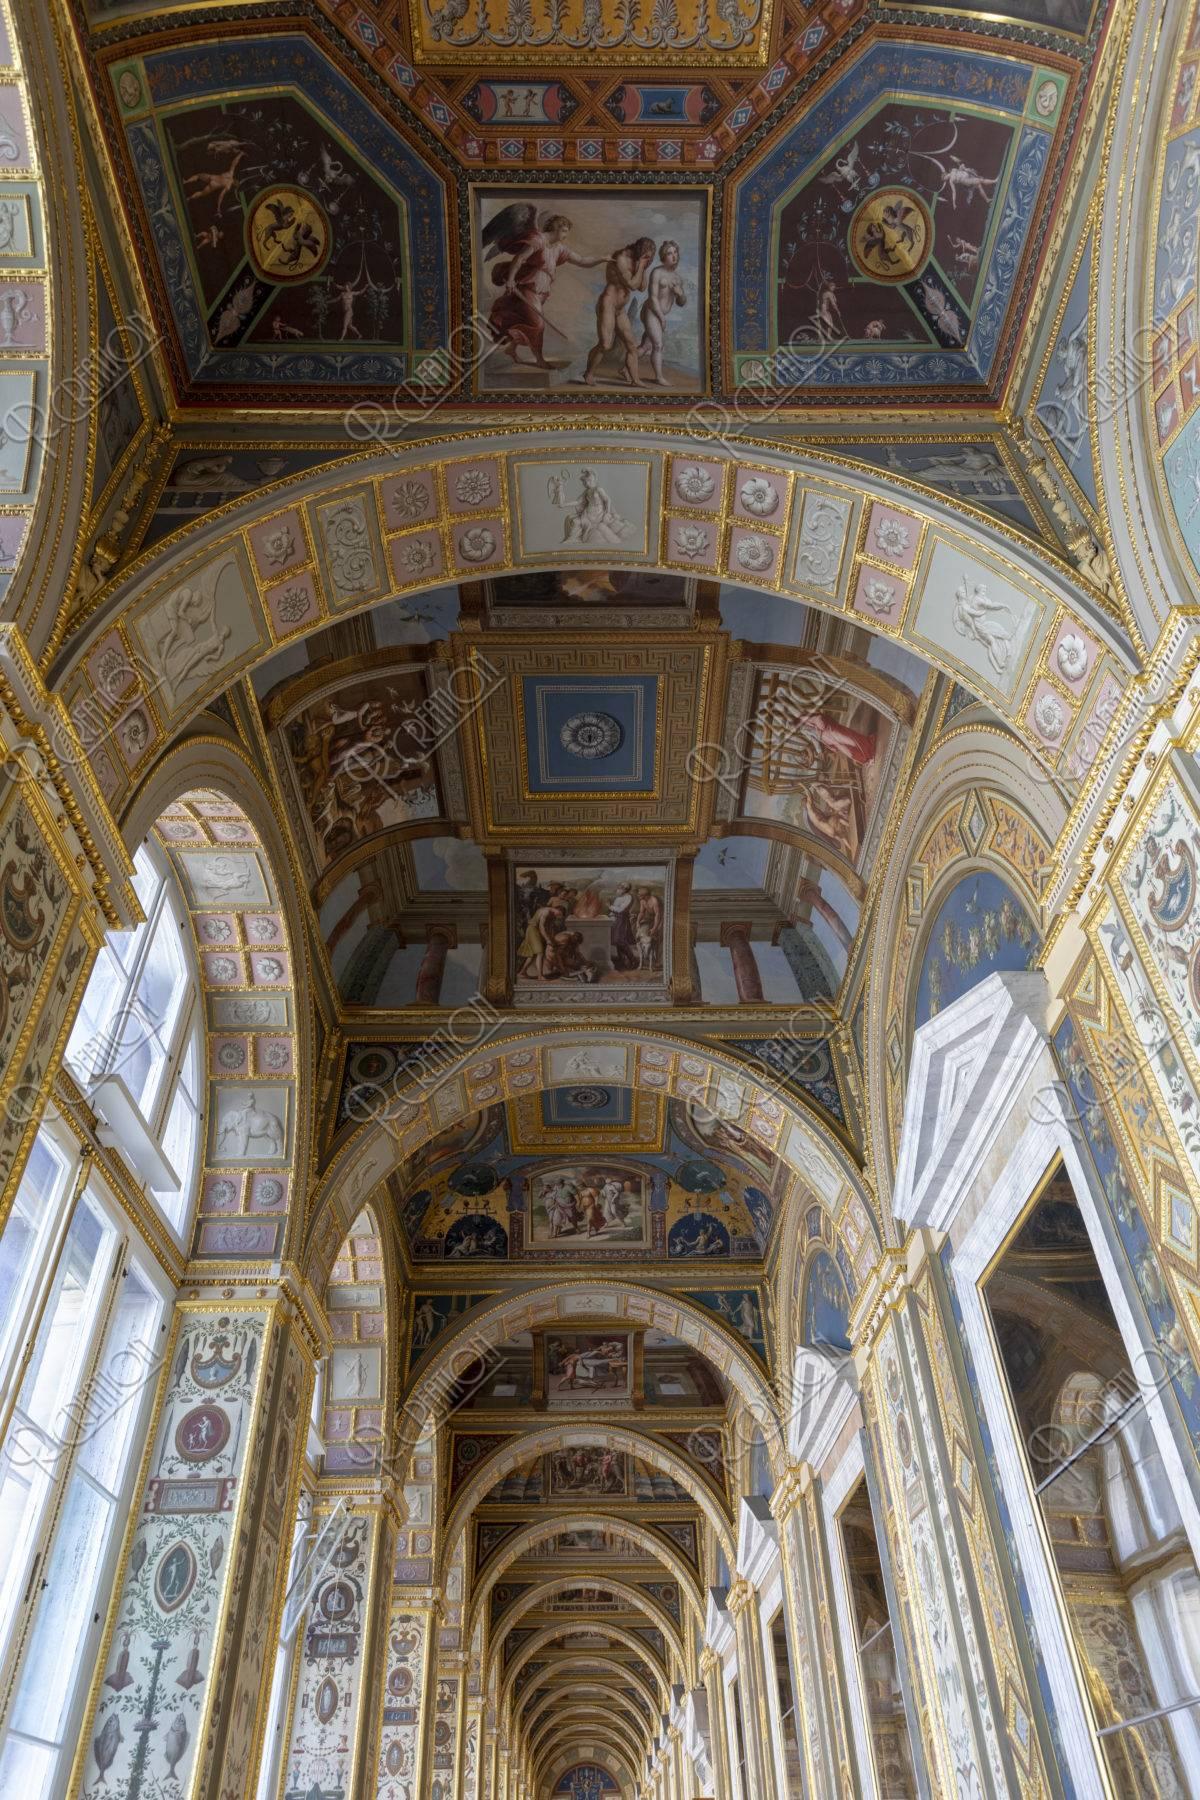 エルミタージュ美術館 ラファエロの回廊